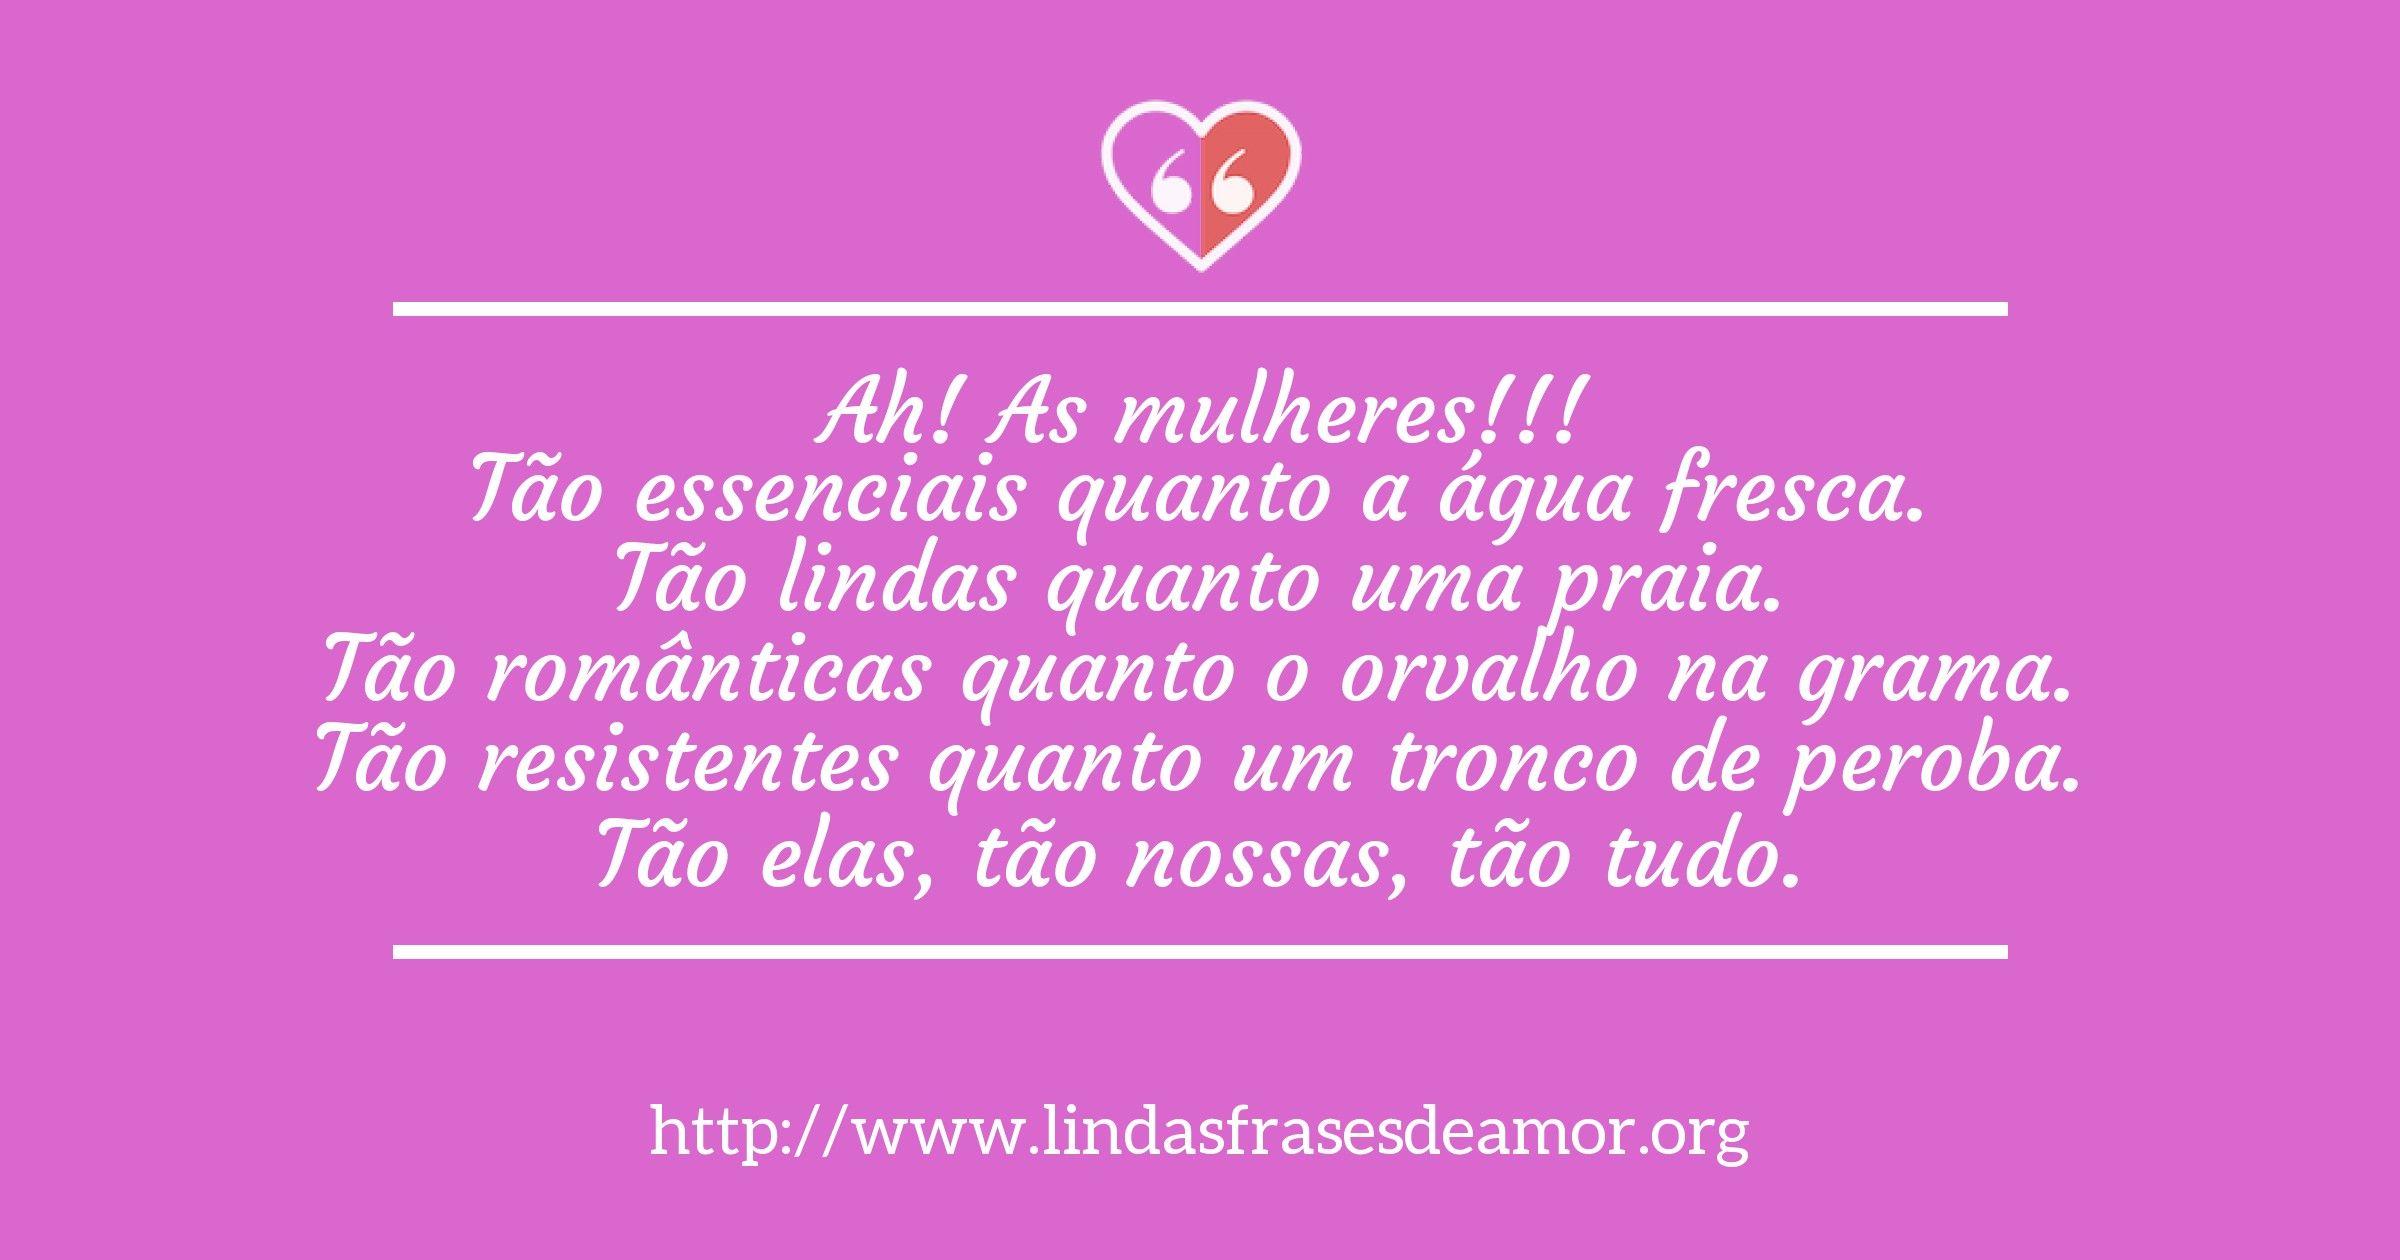 Pin De Lindas Frases De Amor Em Mensagem Do Dia Internacional Da